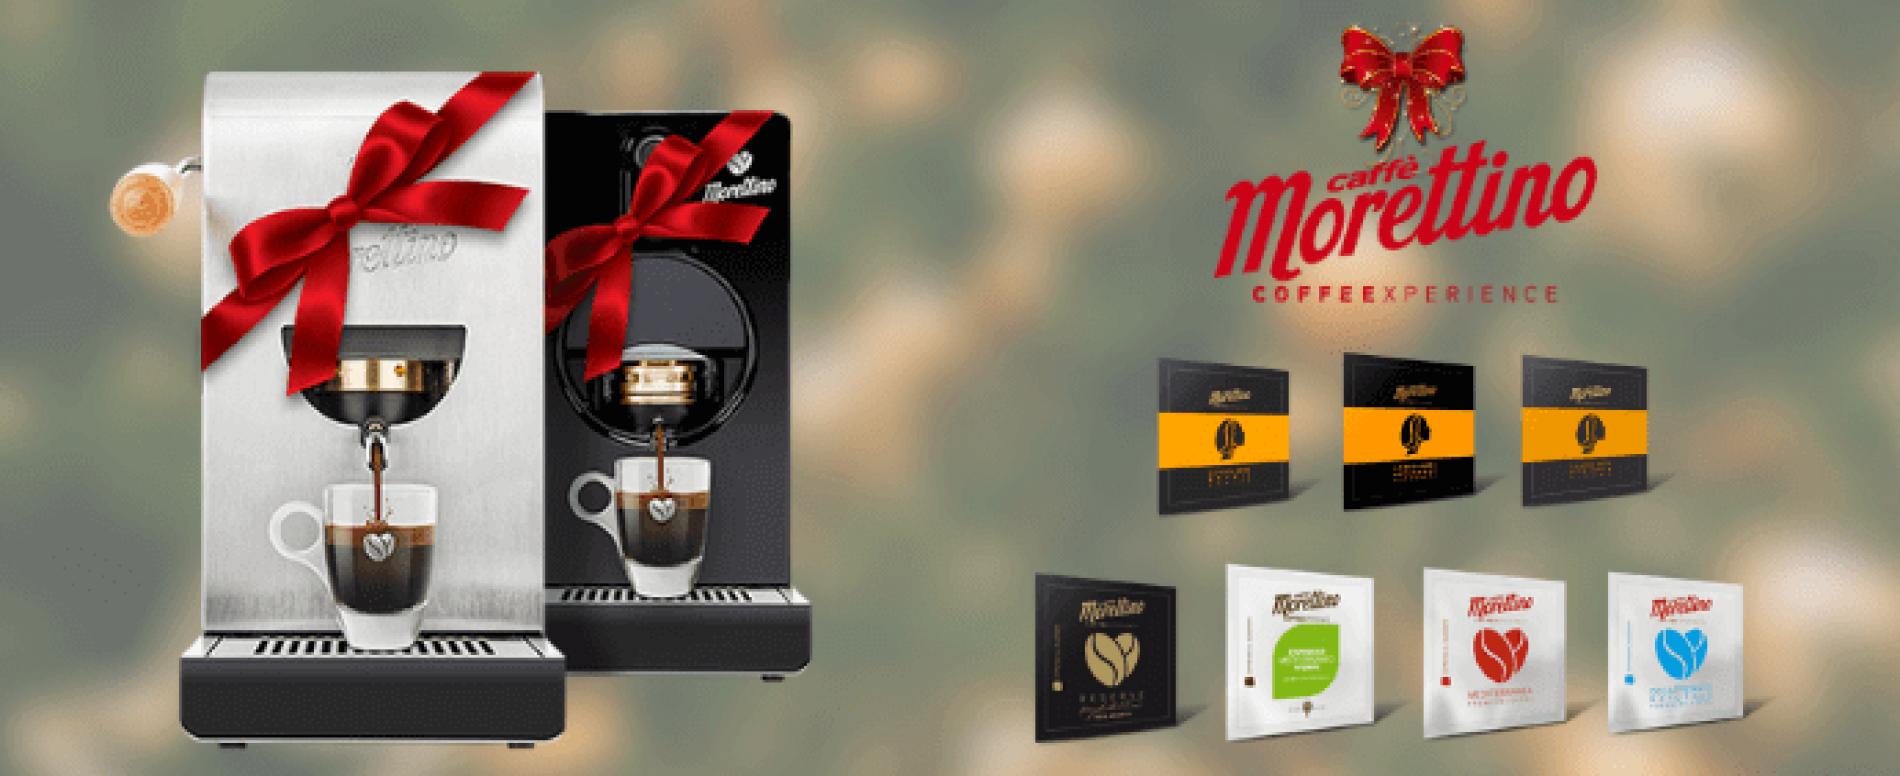 Morettino Espresso al Quadrato: cremoso e buono come al bar